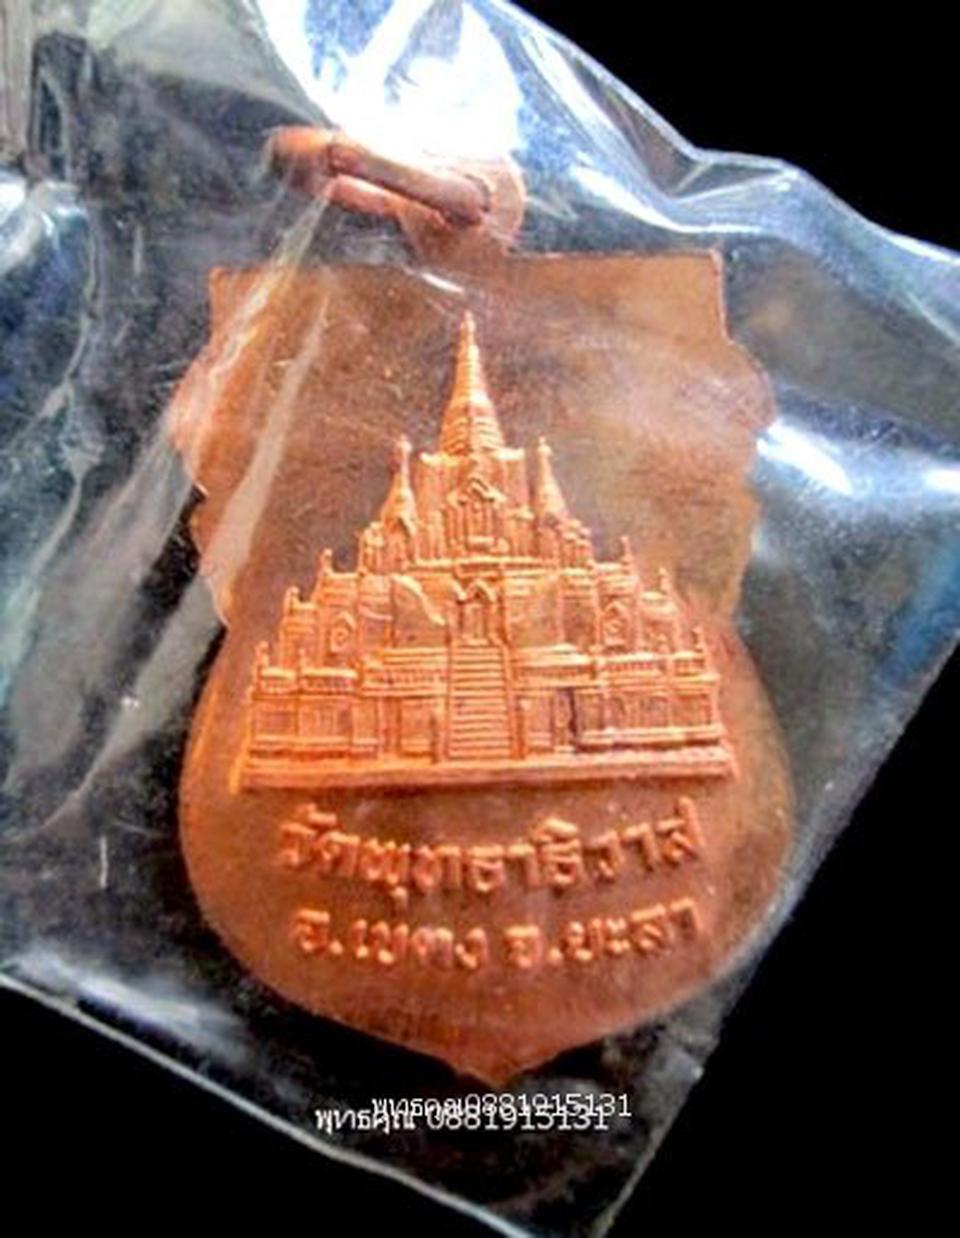 เหรียญหลวงปู่ทวด วัดพุทธาธิวาส เบตง ปี2548 รูปที่ 4